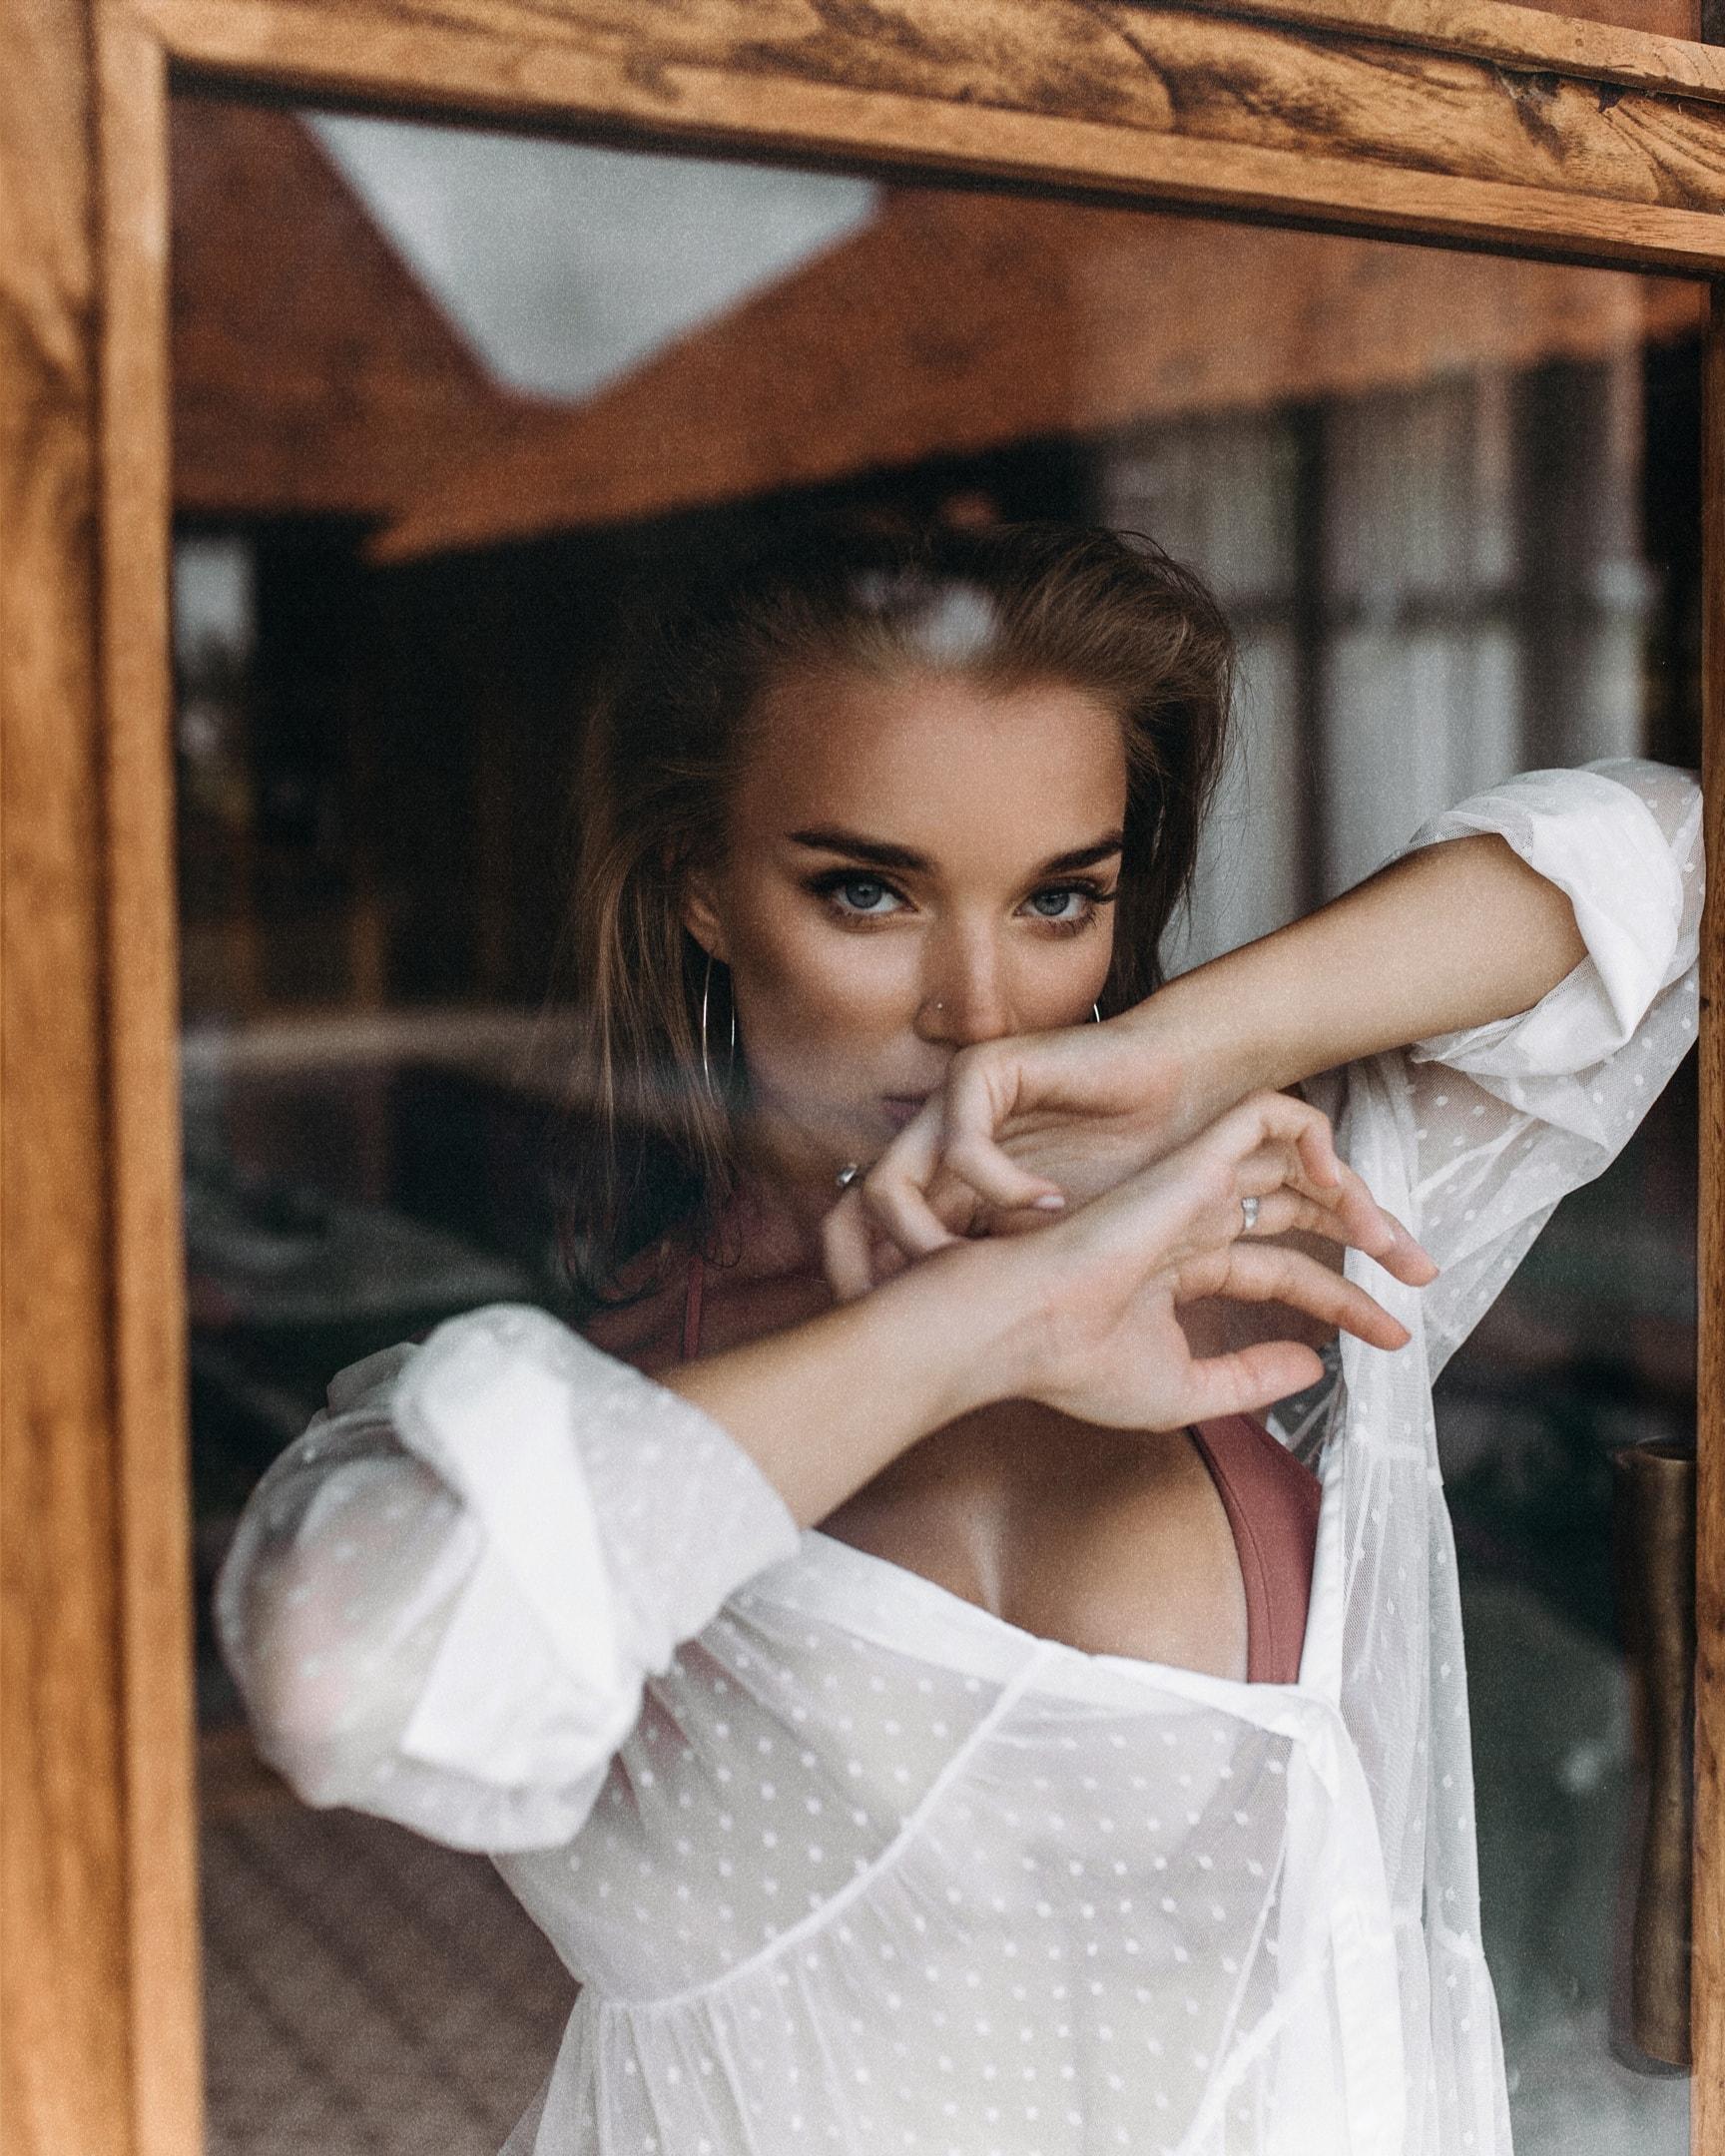 Portraits by Viktoria Zolotovskaya